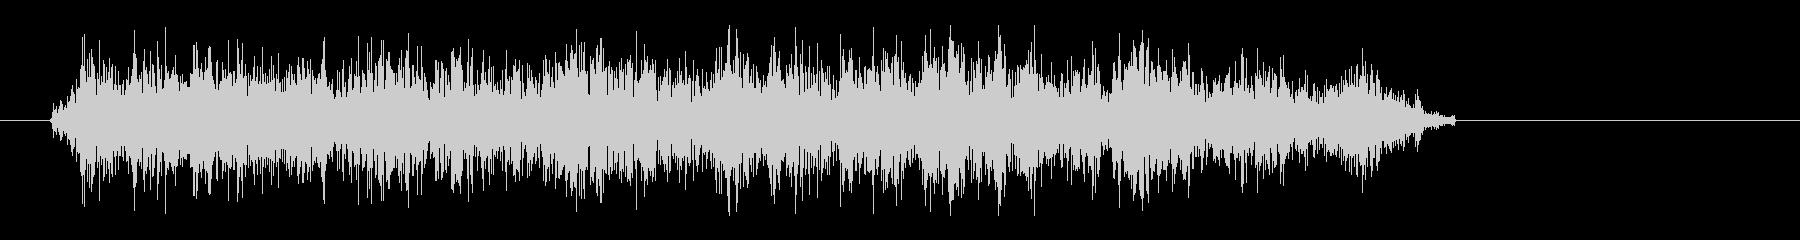 シューッ(決定音、紙の摩擦音)の未再生の波形